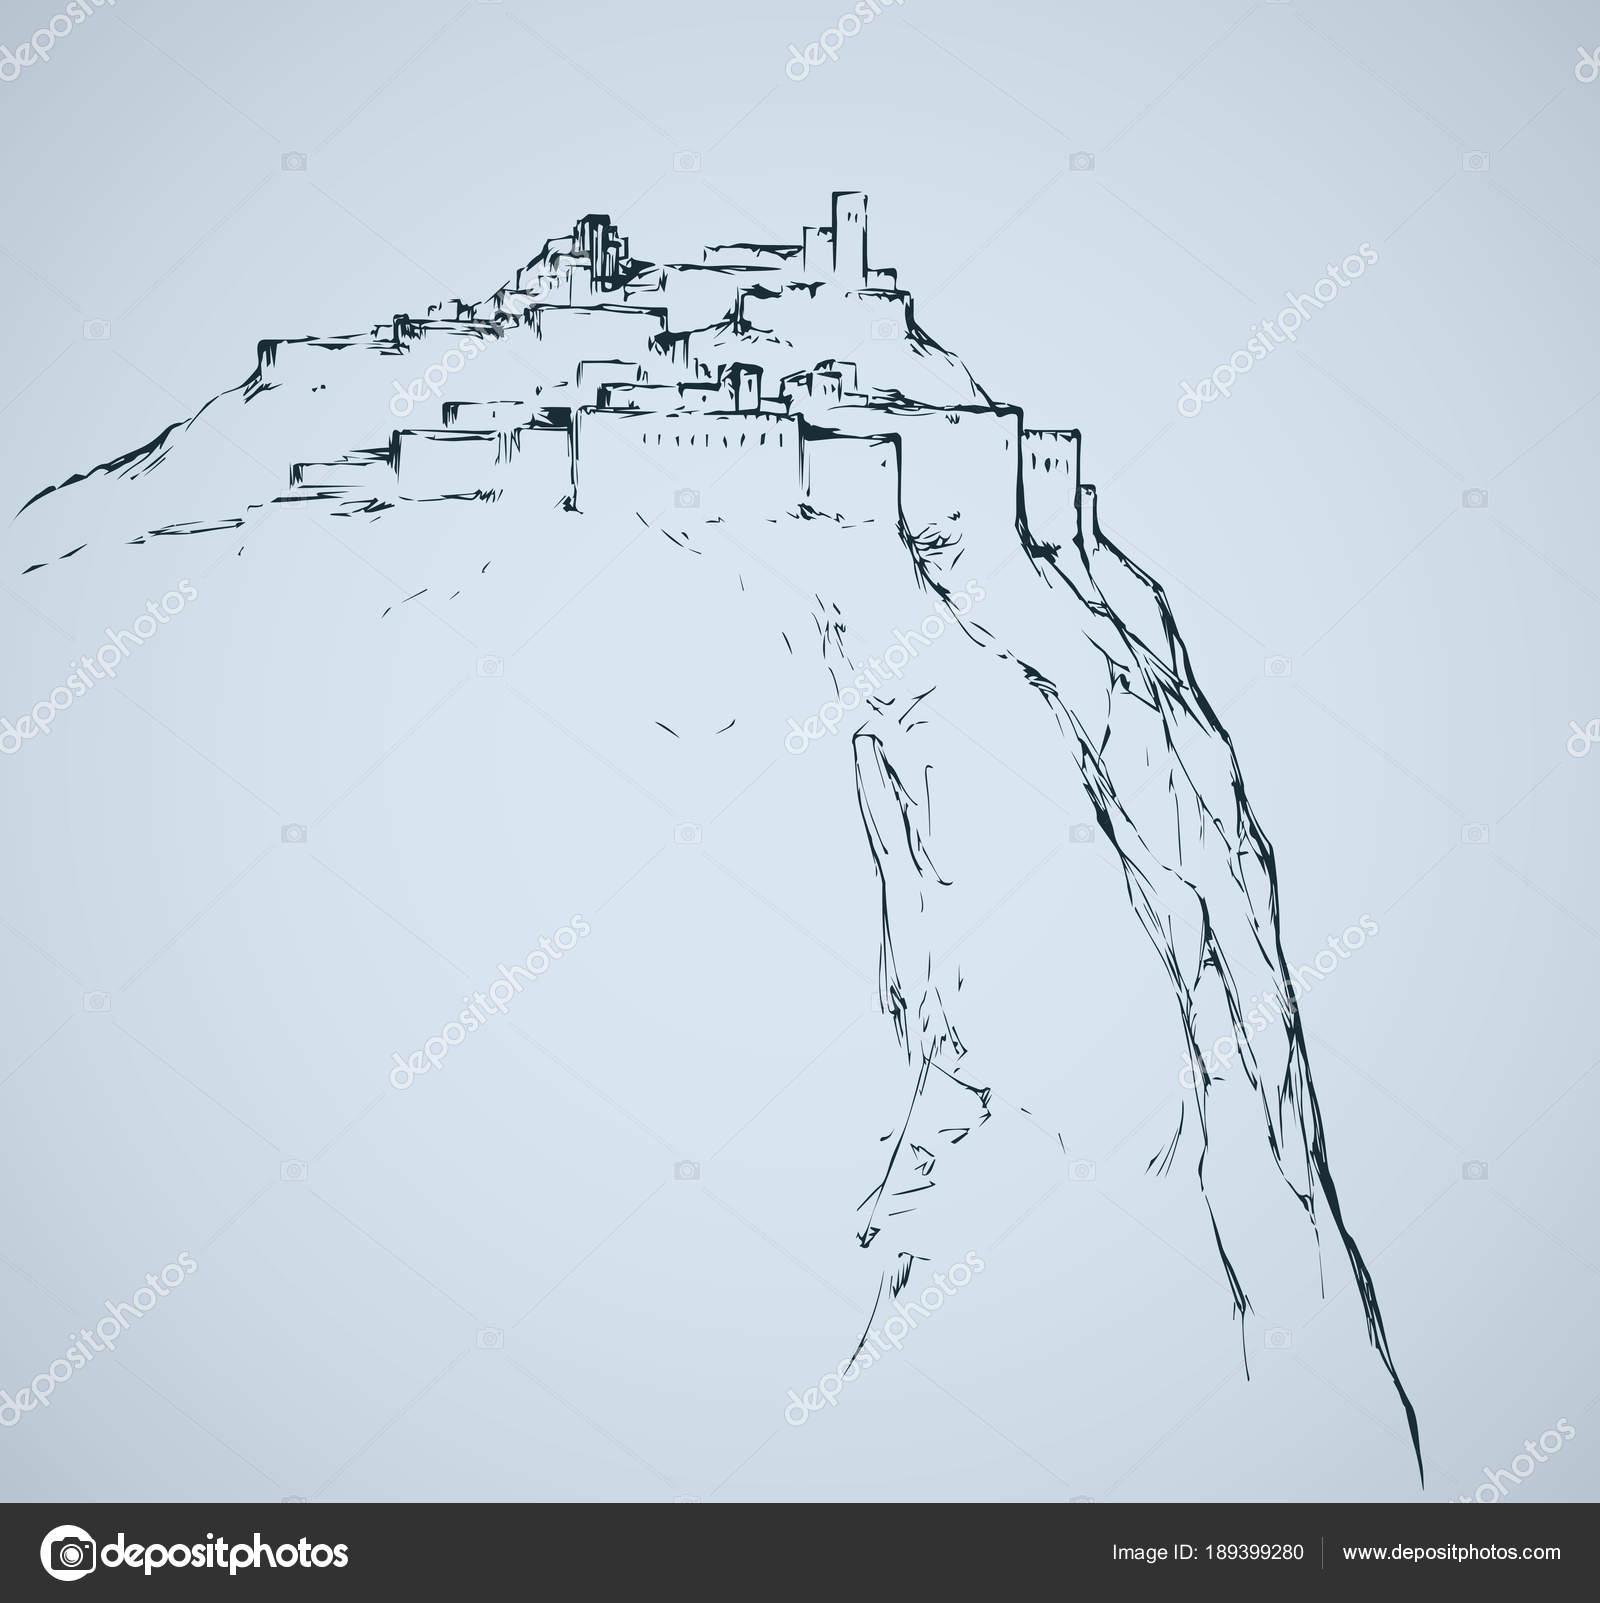 Ancienne Ville Sur Le Rocher. Dessin Vectorielu2013 Illustration De Stock